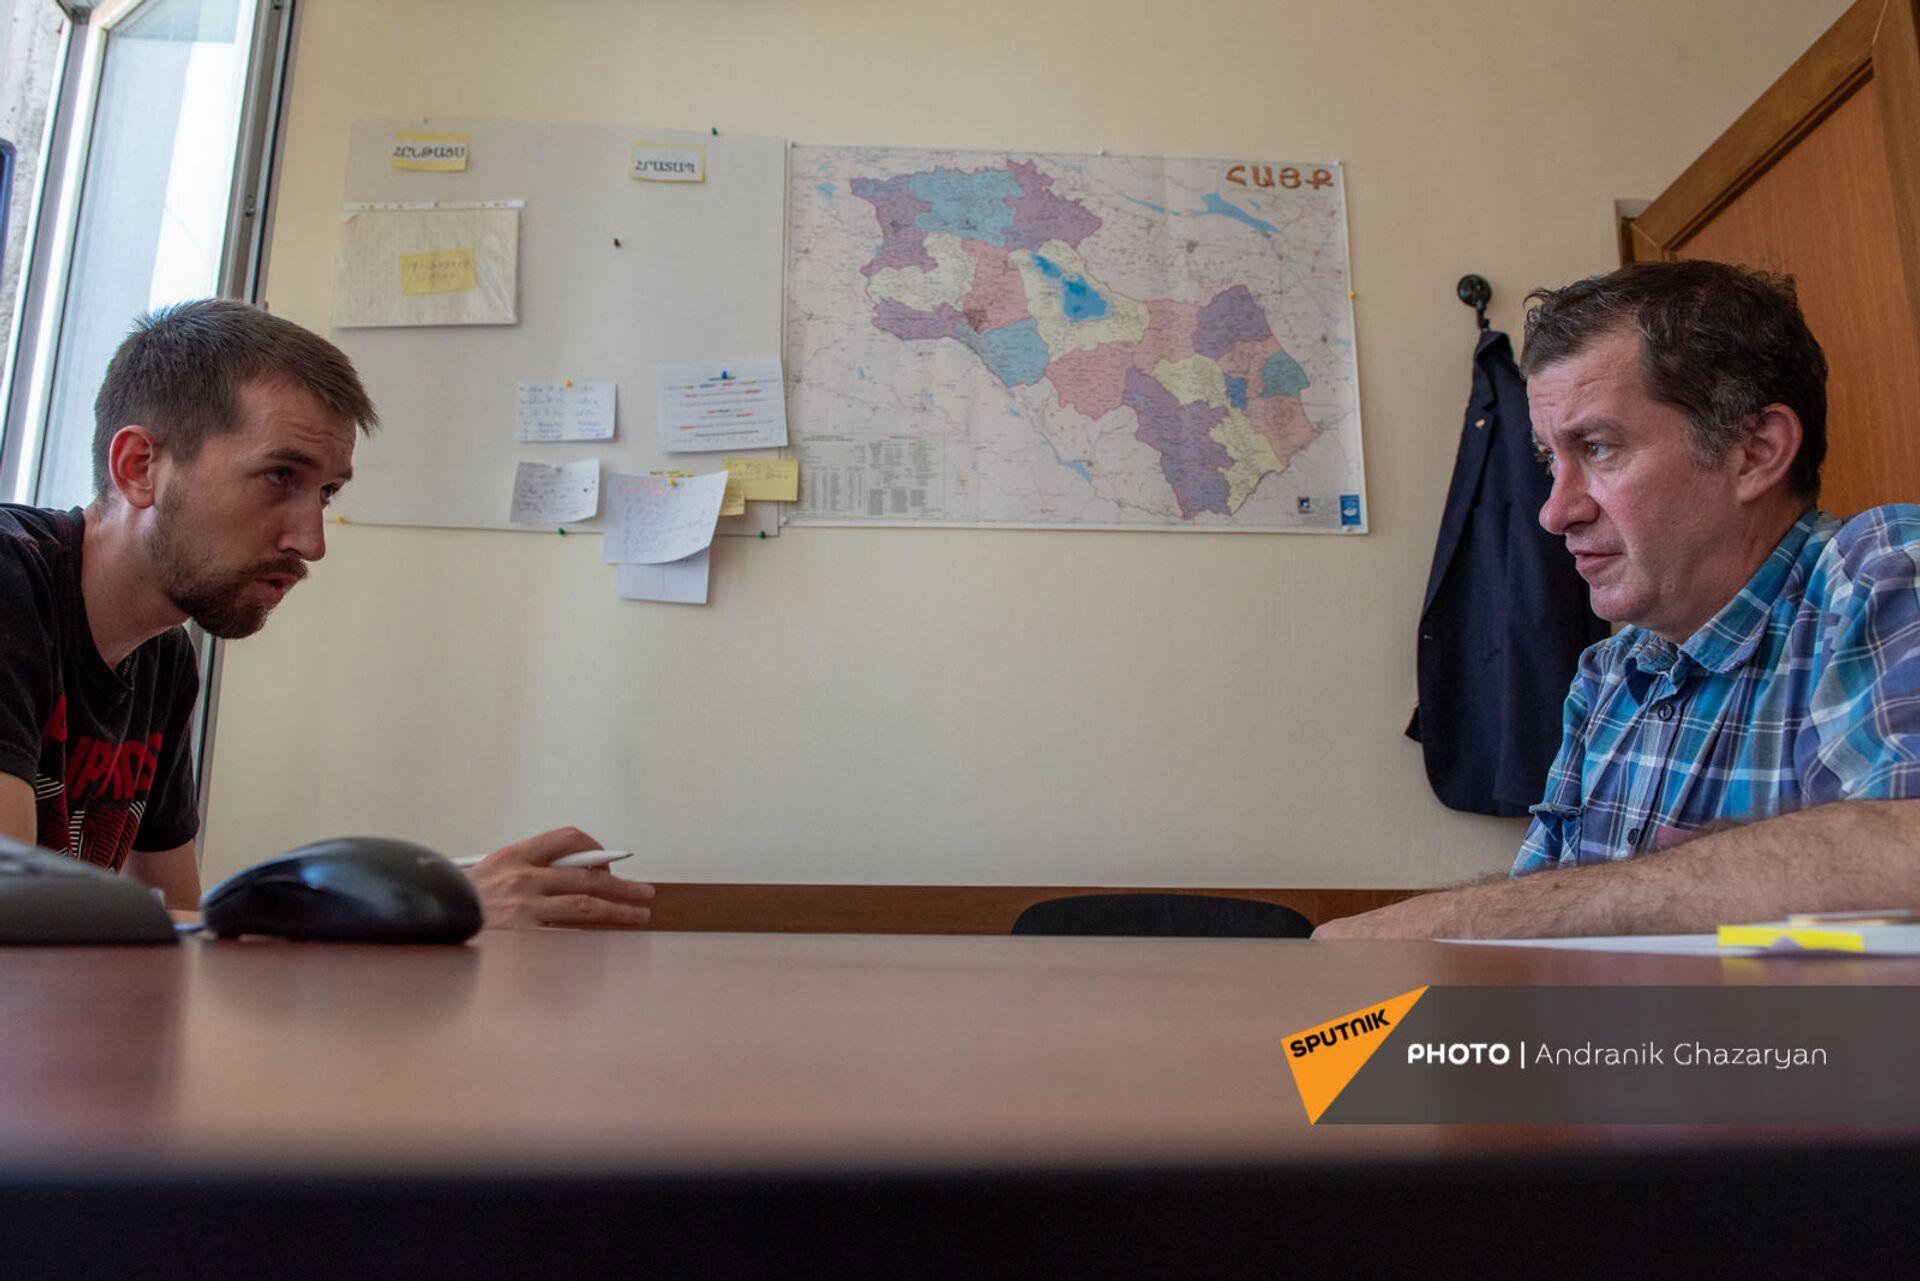 Լենինի նման` «պլոմբած» վագոնով․ Սկակովը խոսել է Սյունիքի «ճանապարհային միջանցքի» մասին - Sputnik Արմենիա, 1920, 24.06.2021